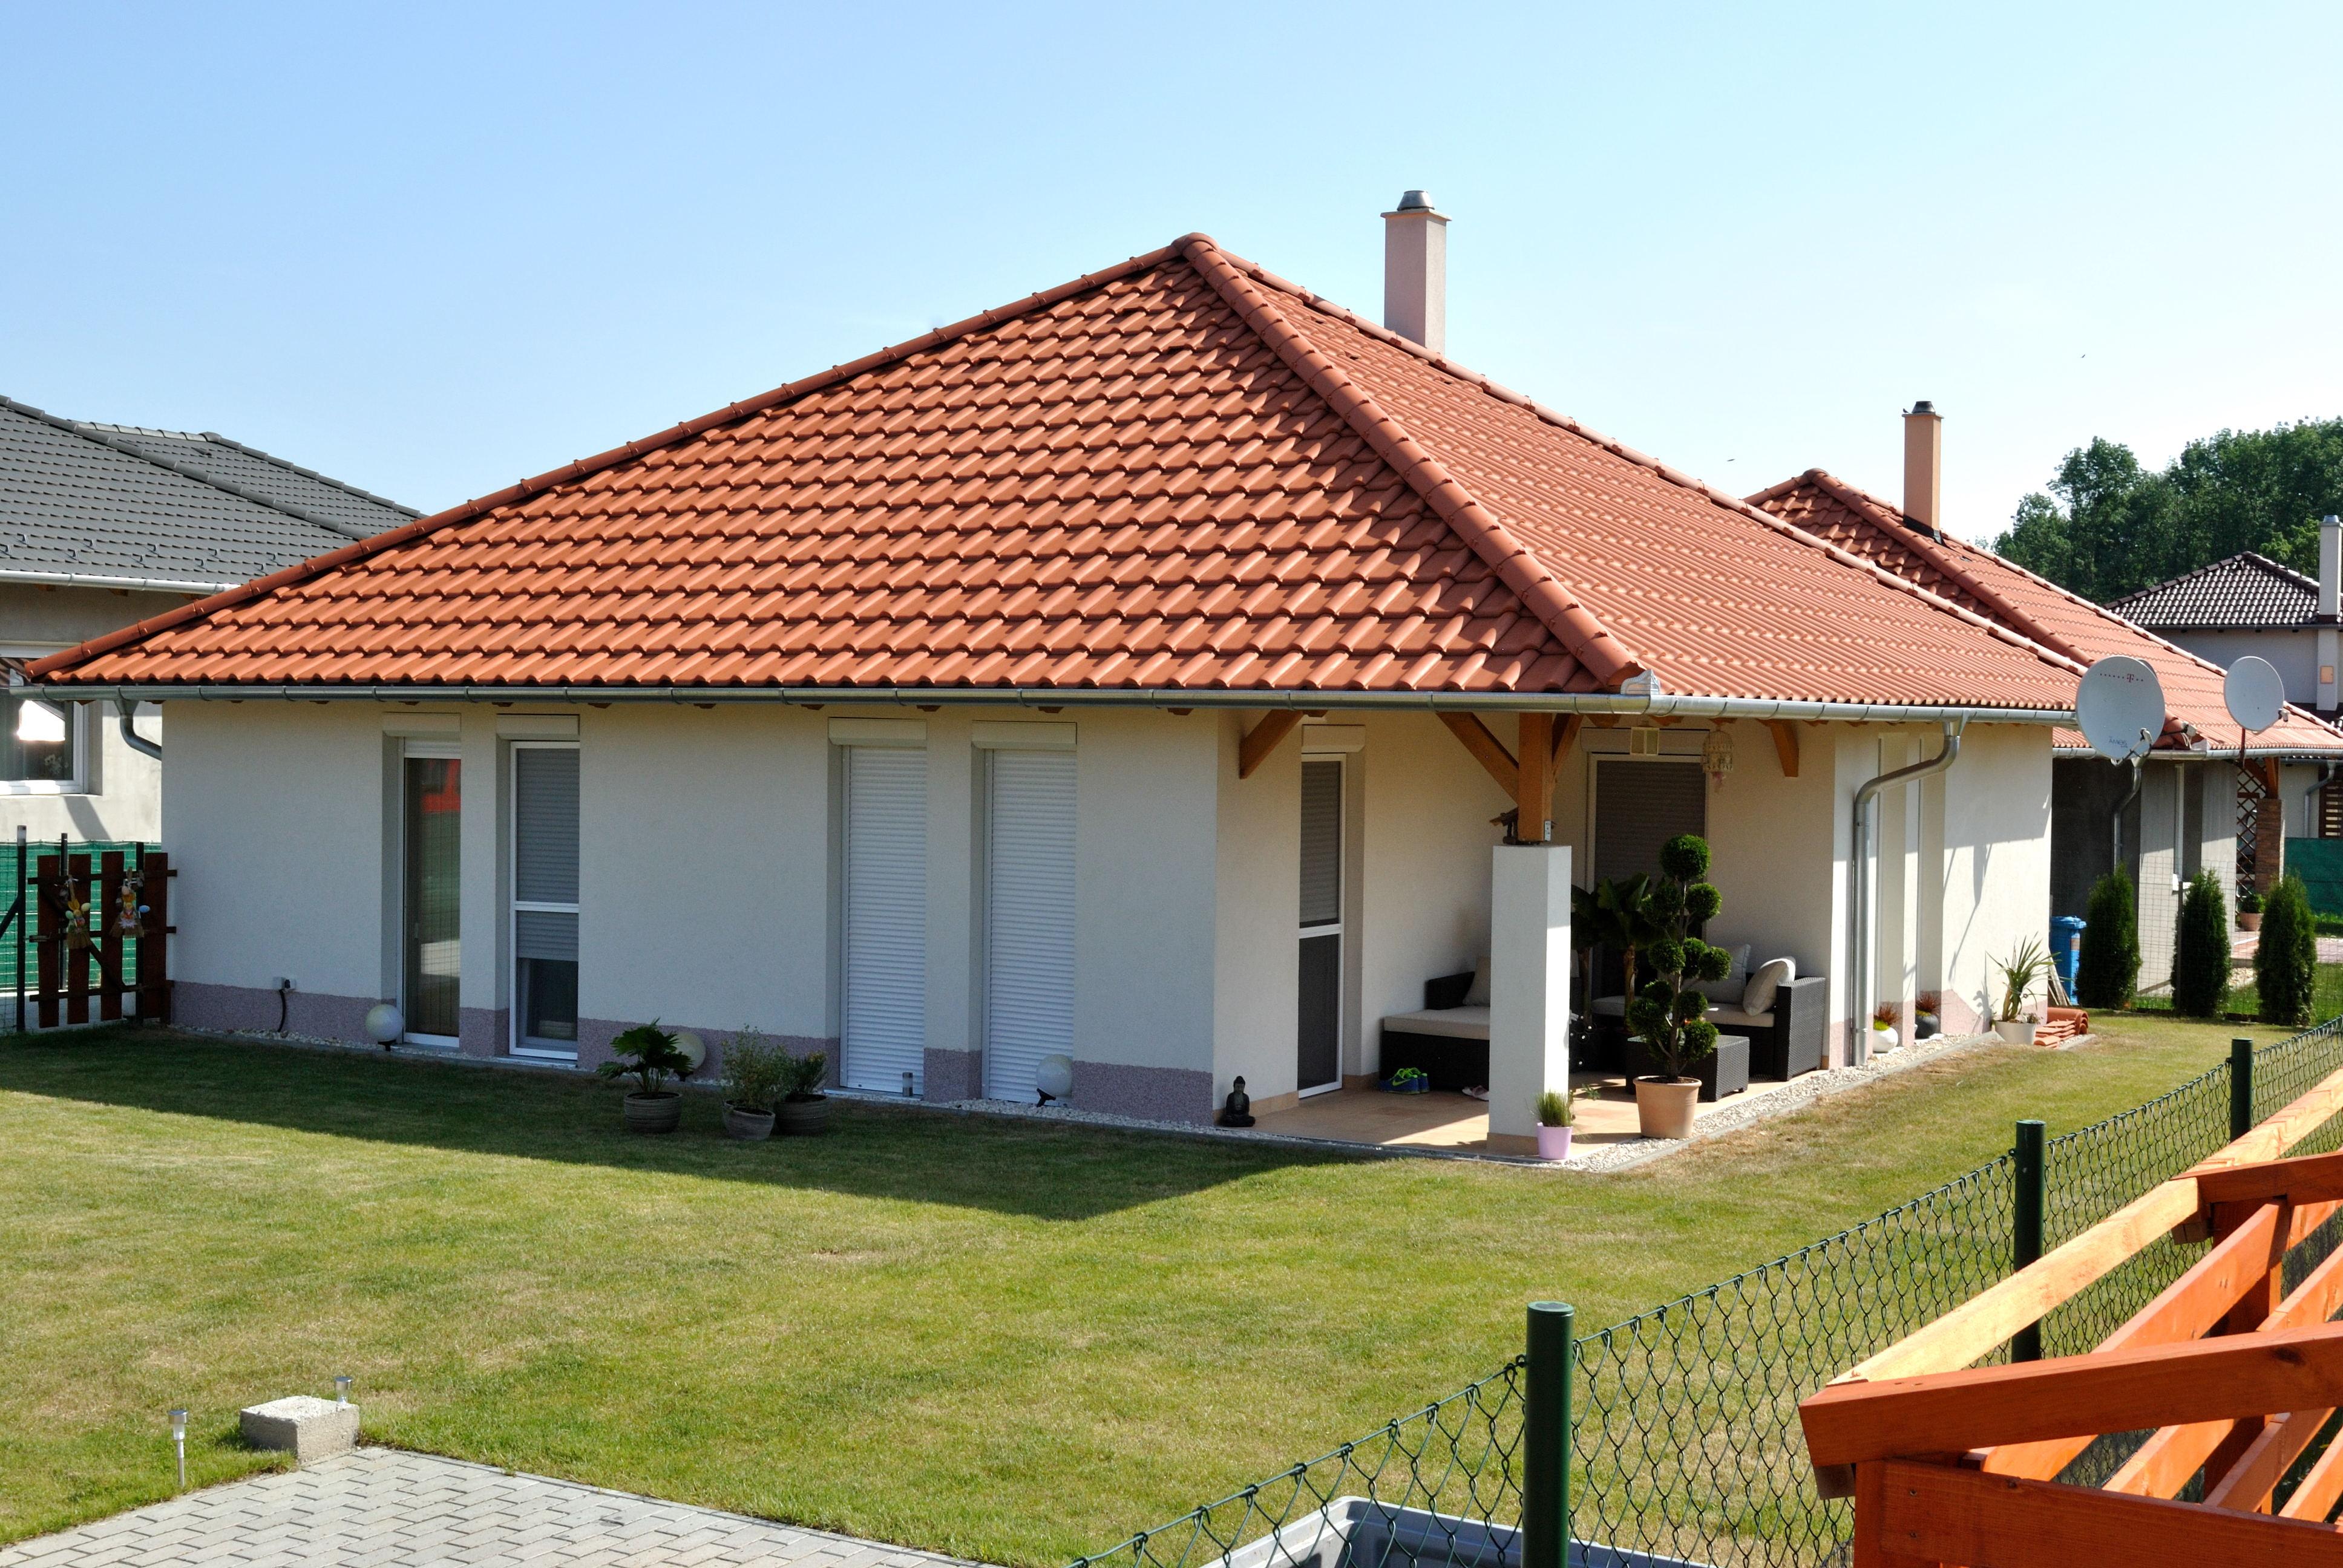 Szombathely, Brenner J. u. 3/C, Építés éve: 2012, Alapterület: 84 m2, Energetikai besorolás A+